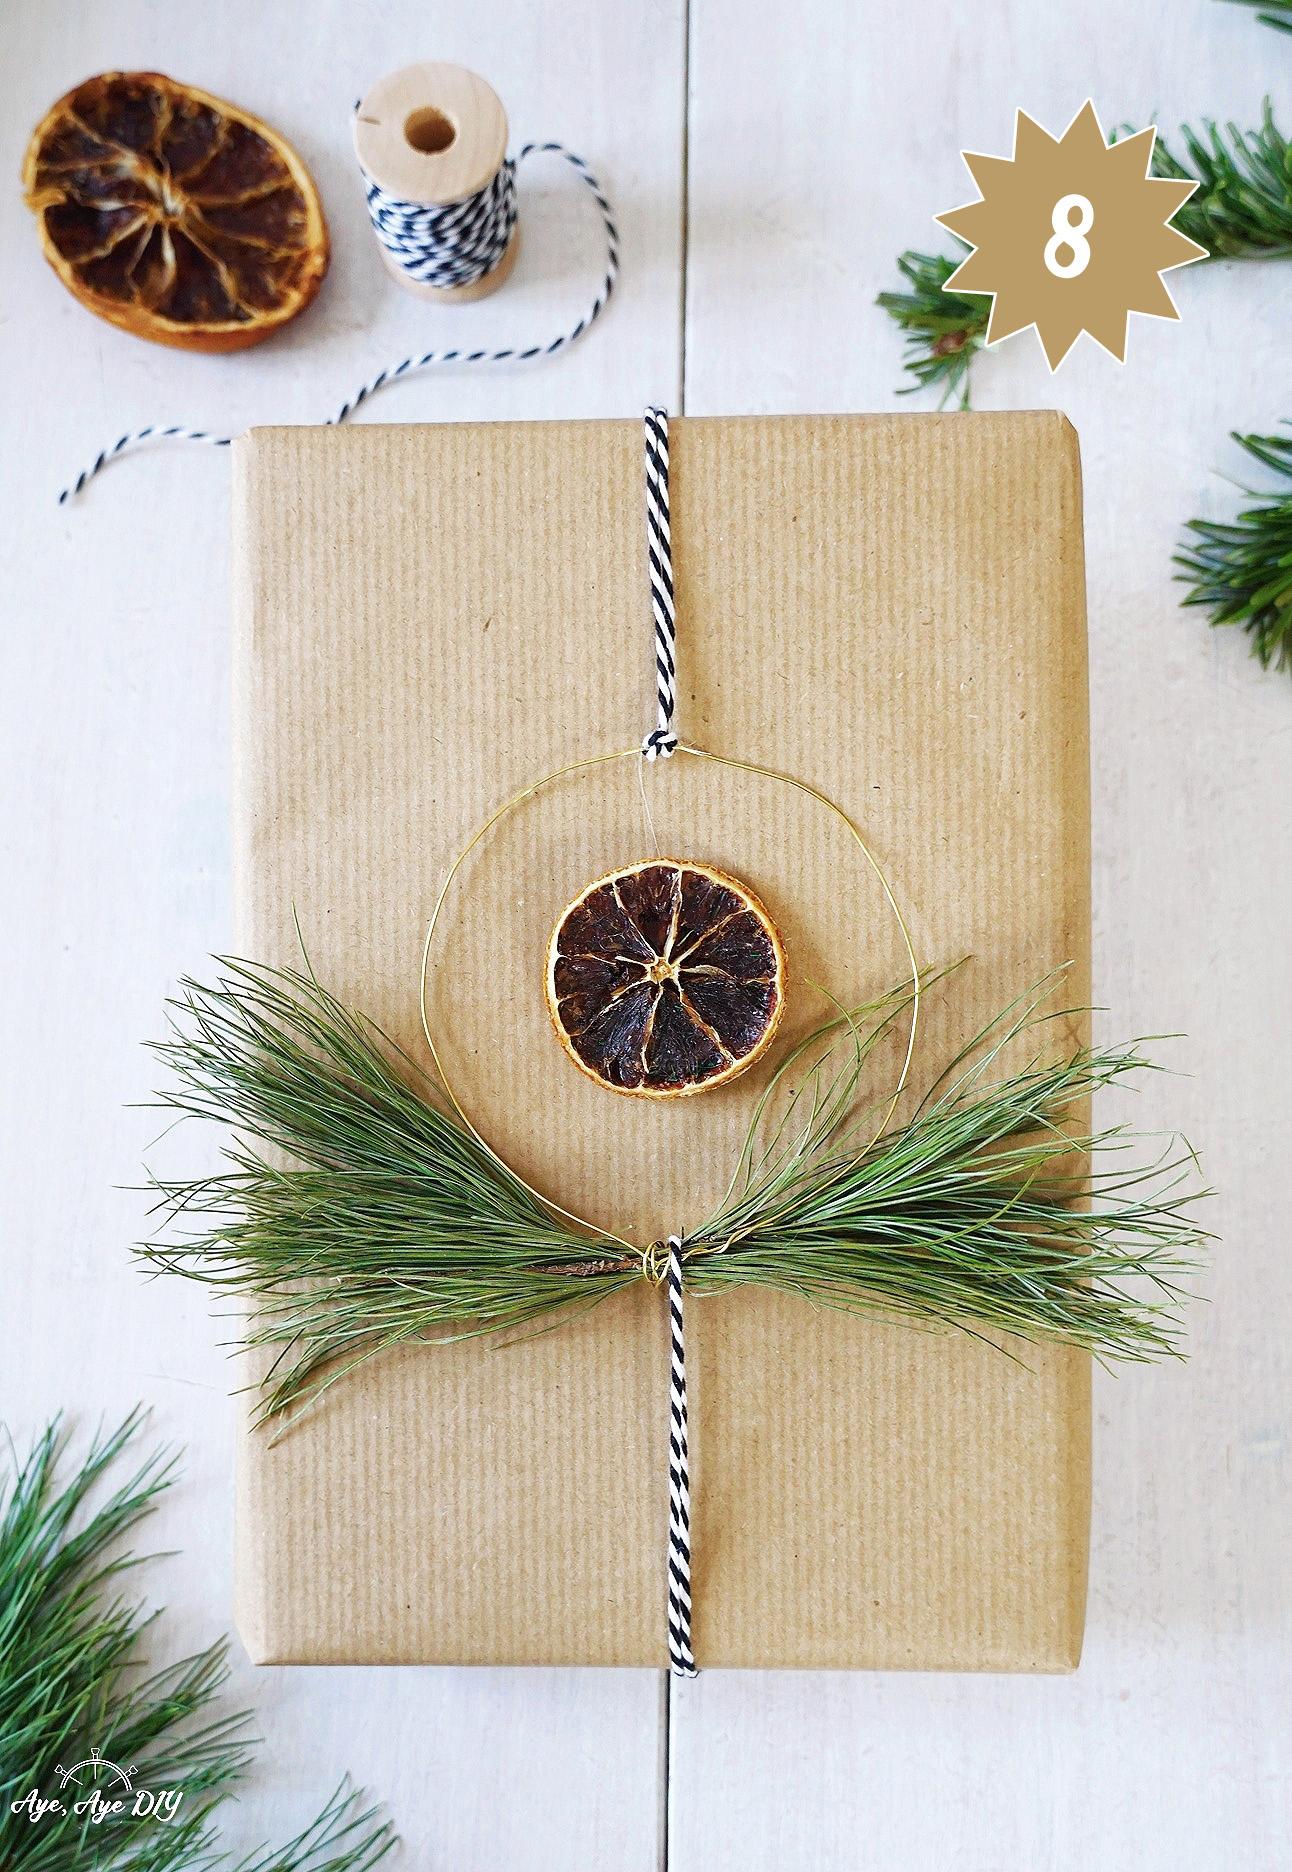 Geschenke nachhaltig verpacken mit Packpapier und Naturmaterialien